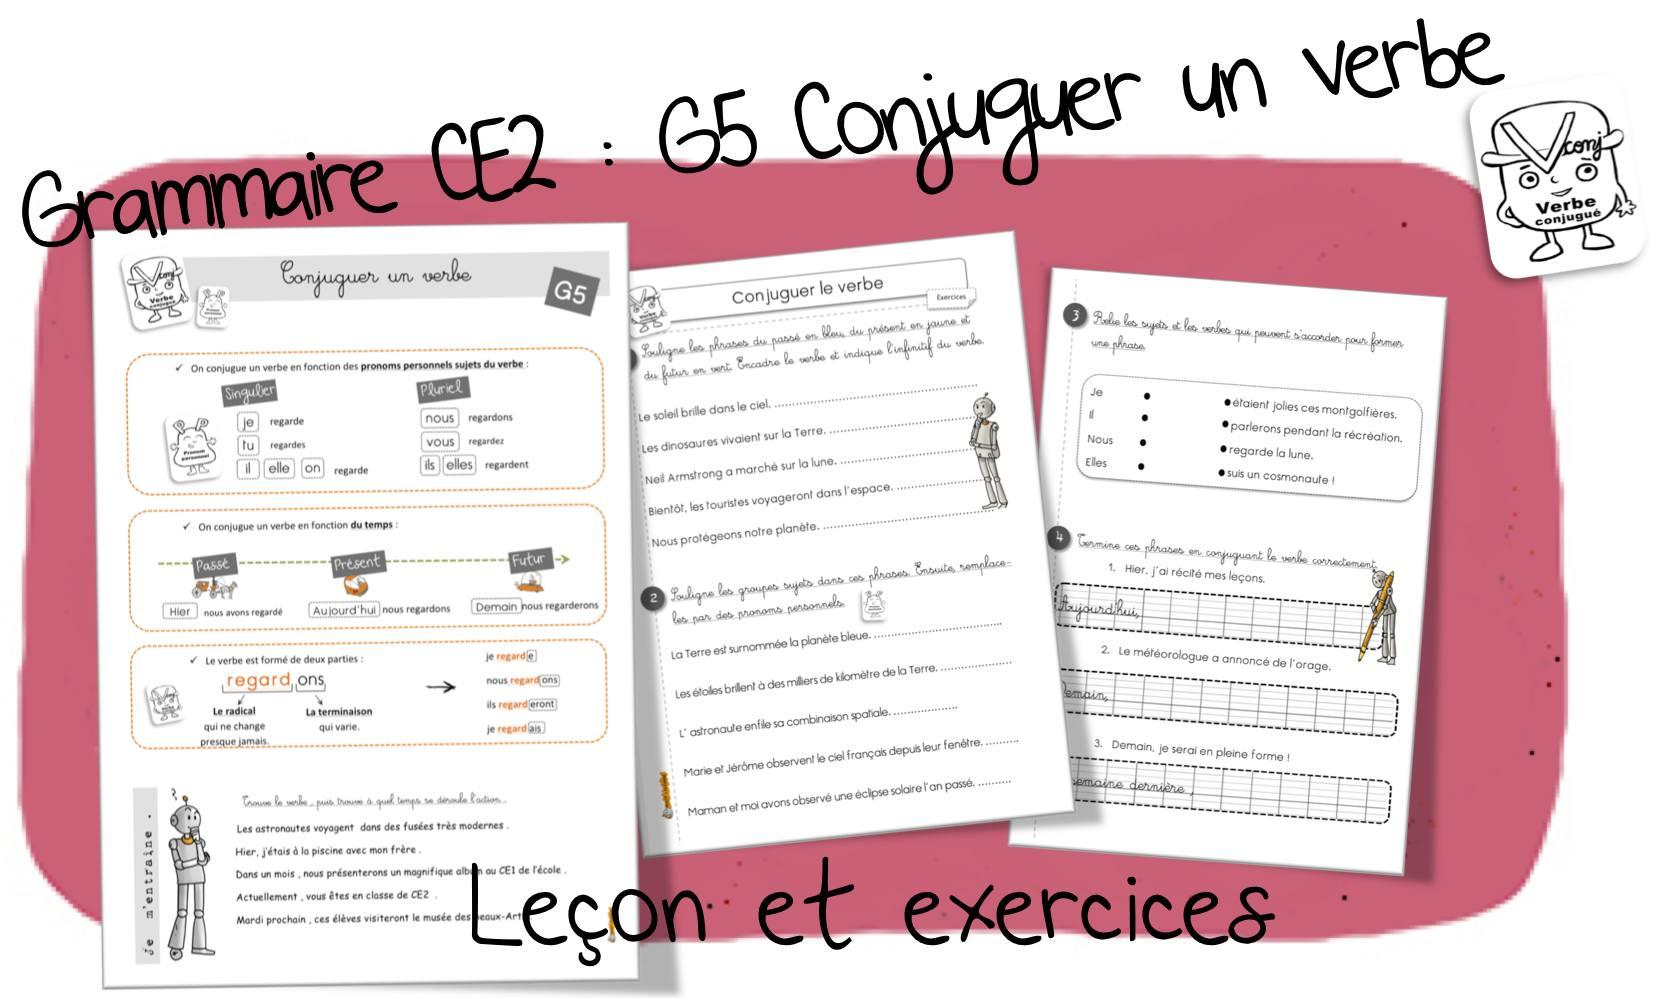 Réussir En Grammaire Au Ce2 : G5. Conjuguer Un Verbe | Bout destiné Cours Ce2 A Imprimer